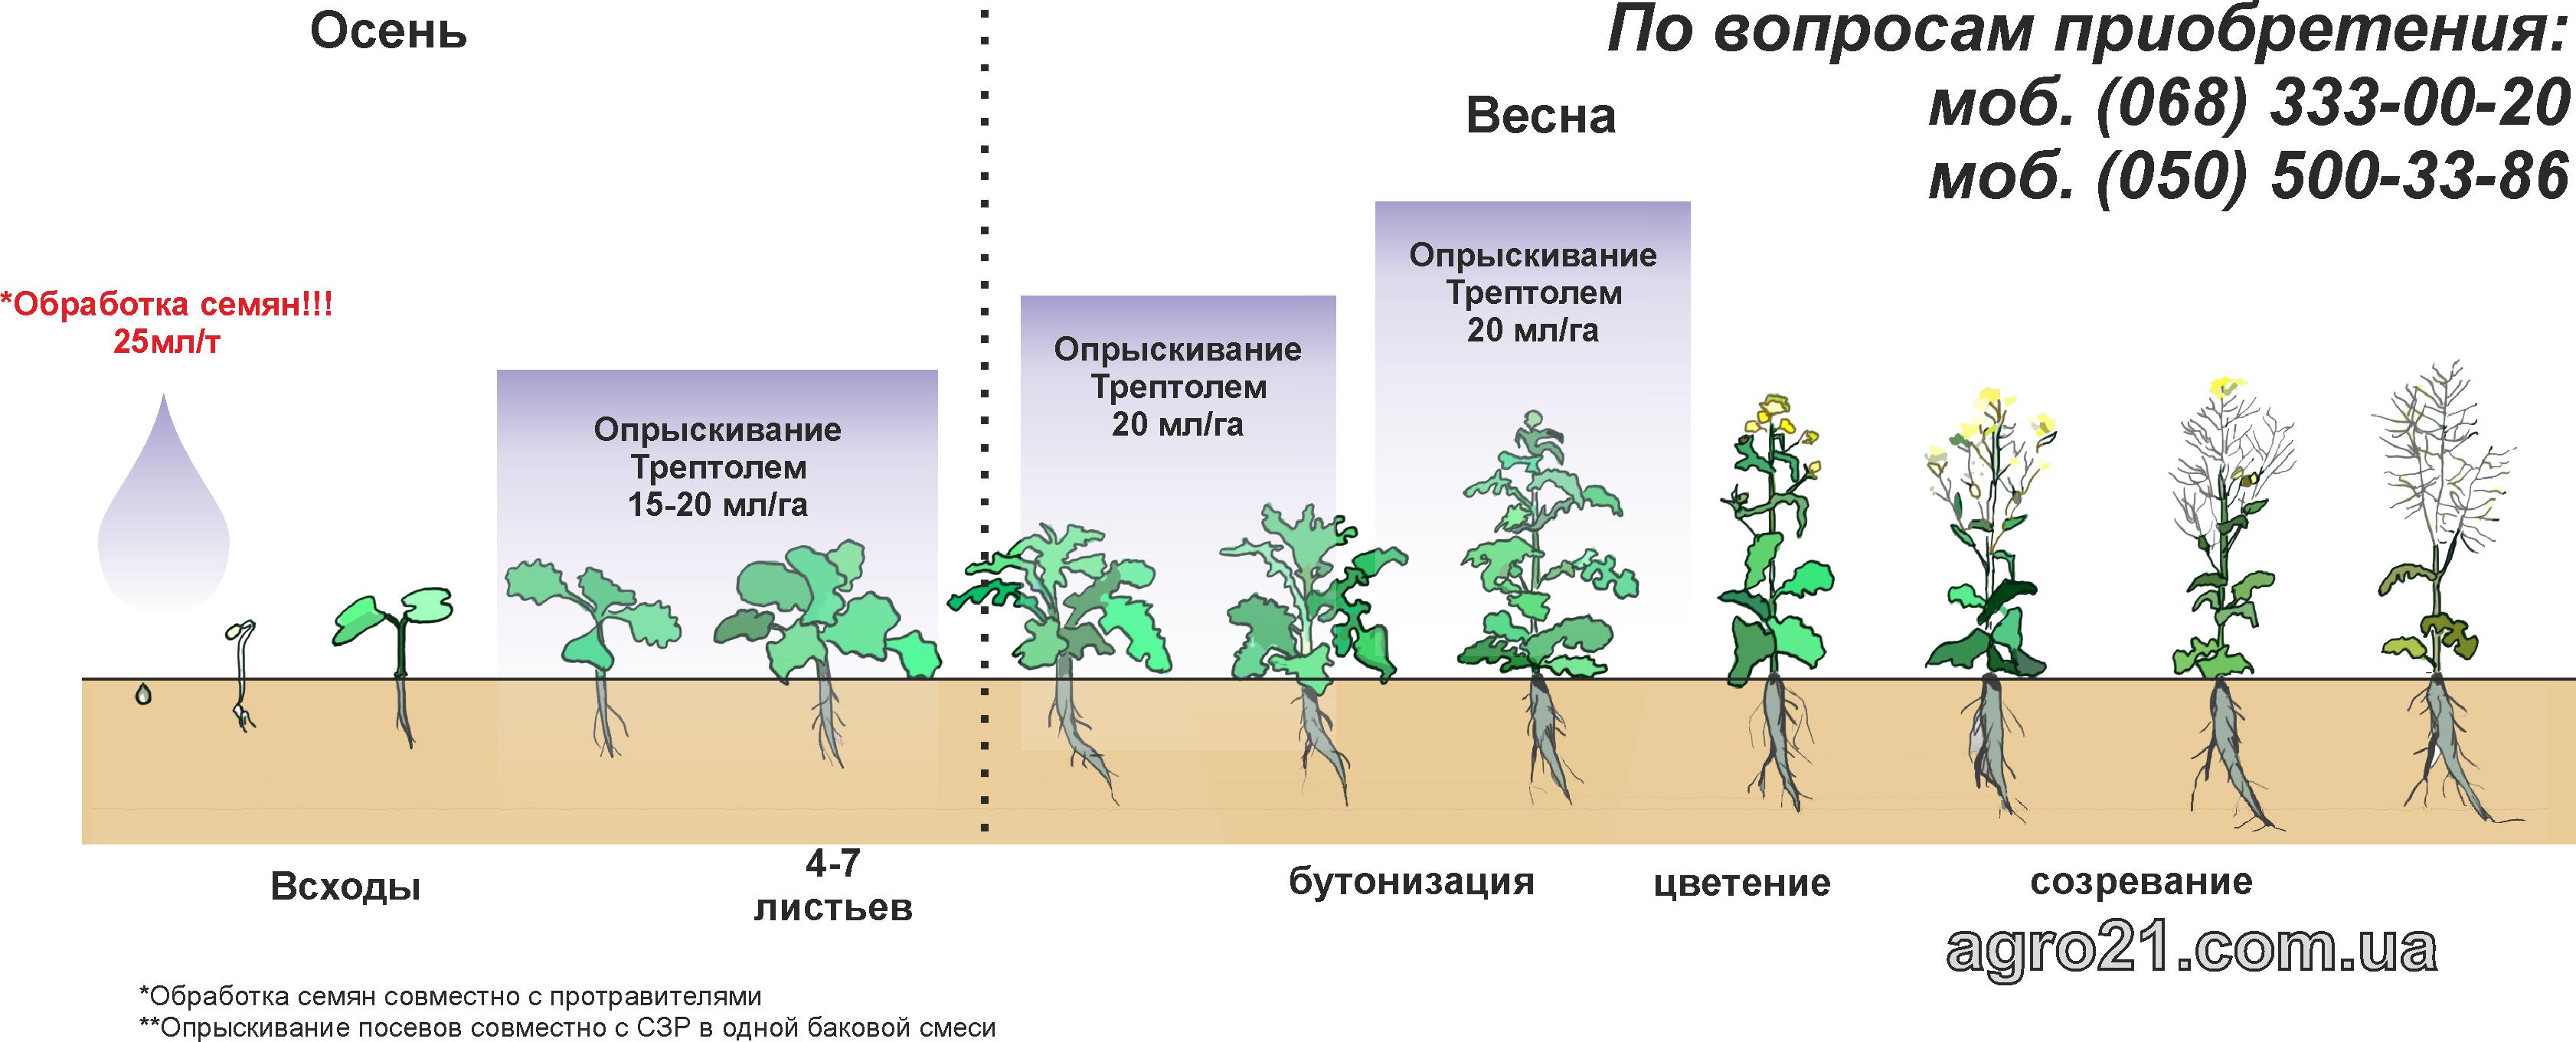 Трептолем - стимулятор росту рослин для ріпаку та соняшнику. Схеми застосування на посівах ріпаку